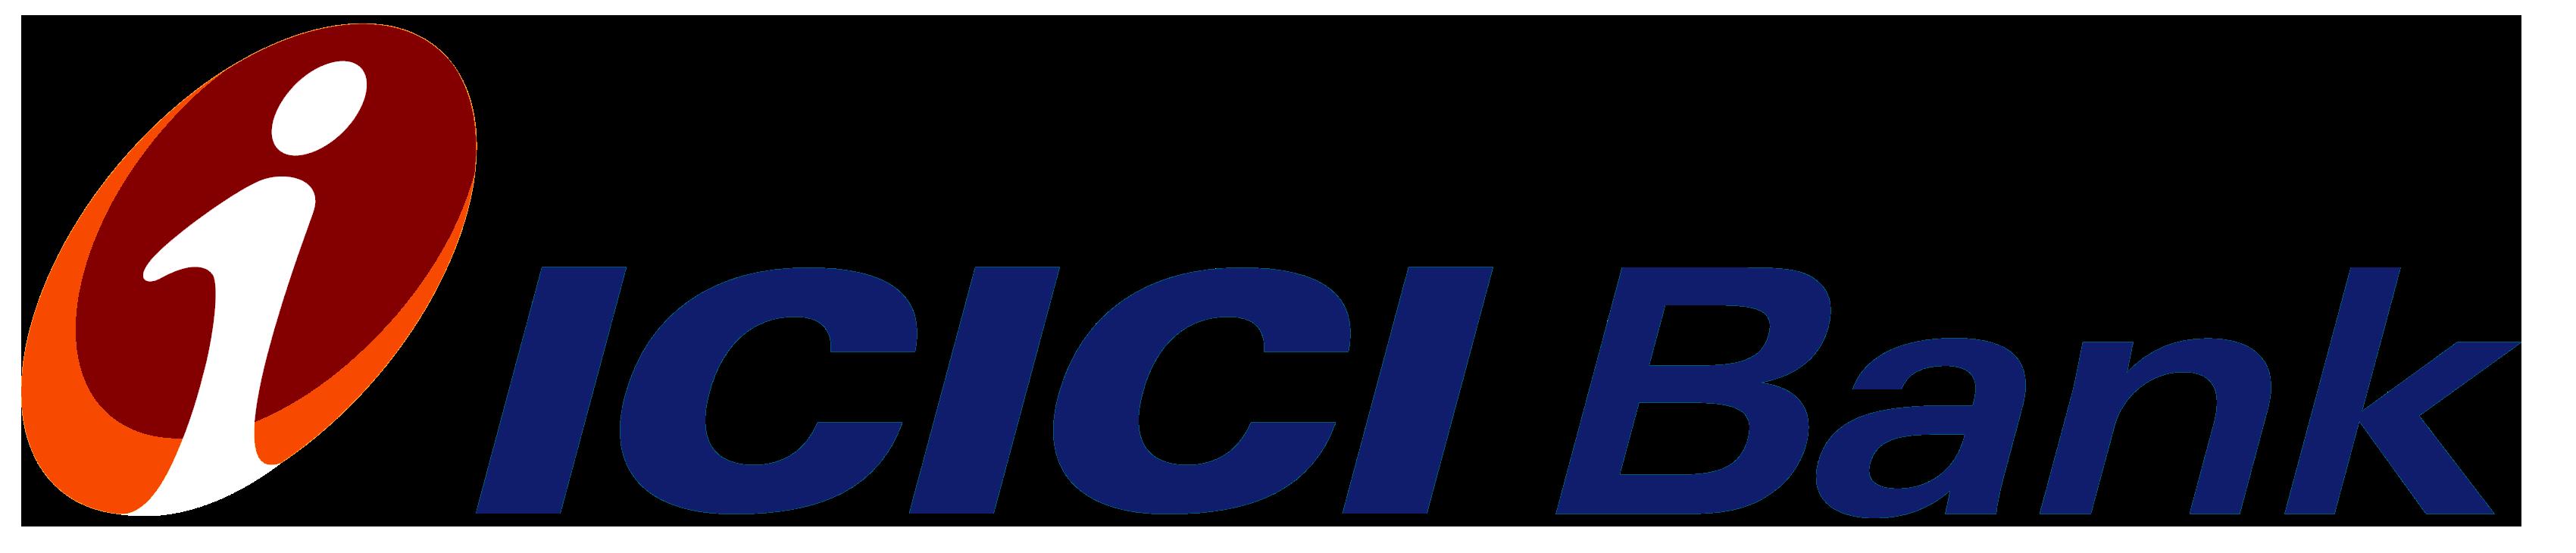 icici bank logo symbol